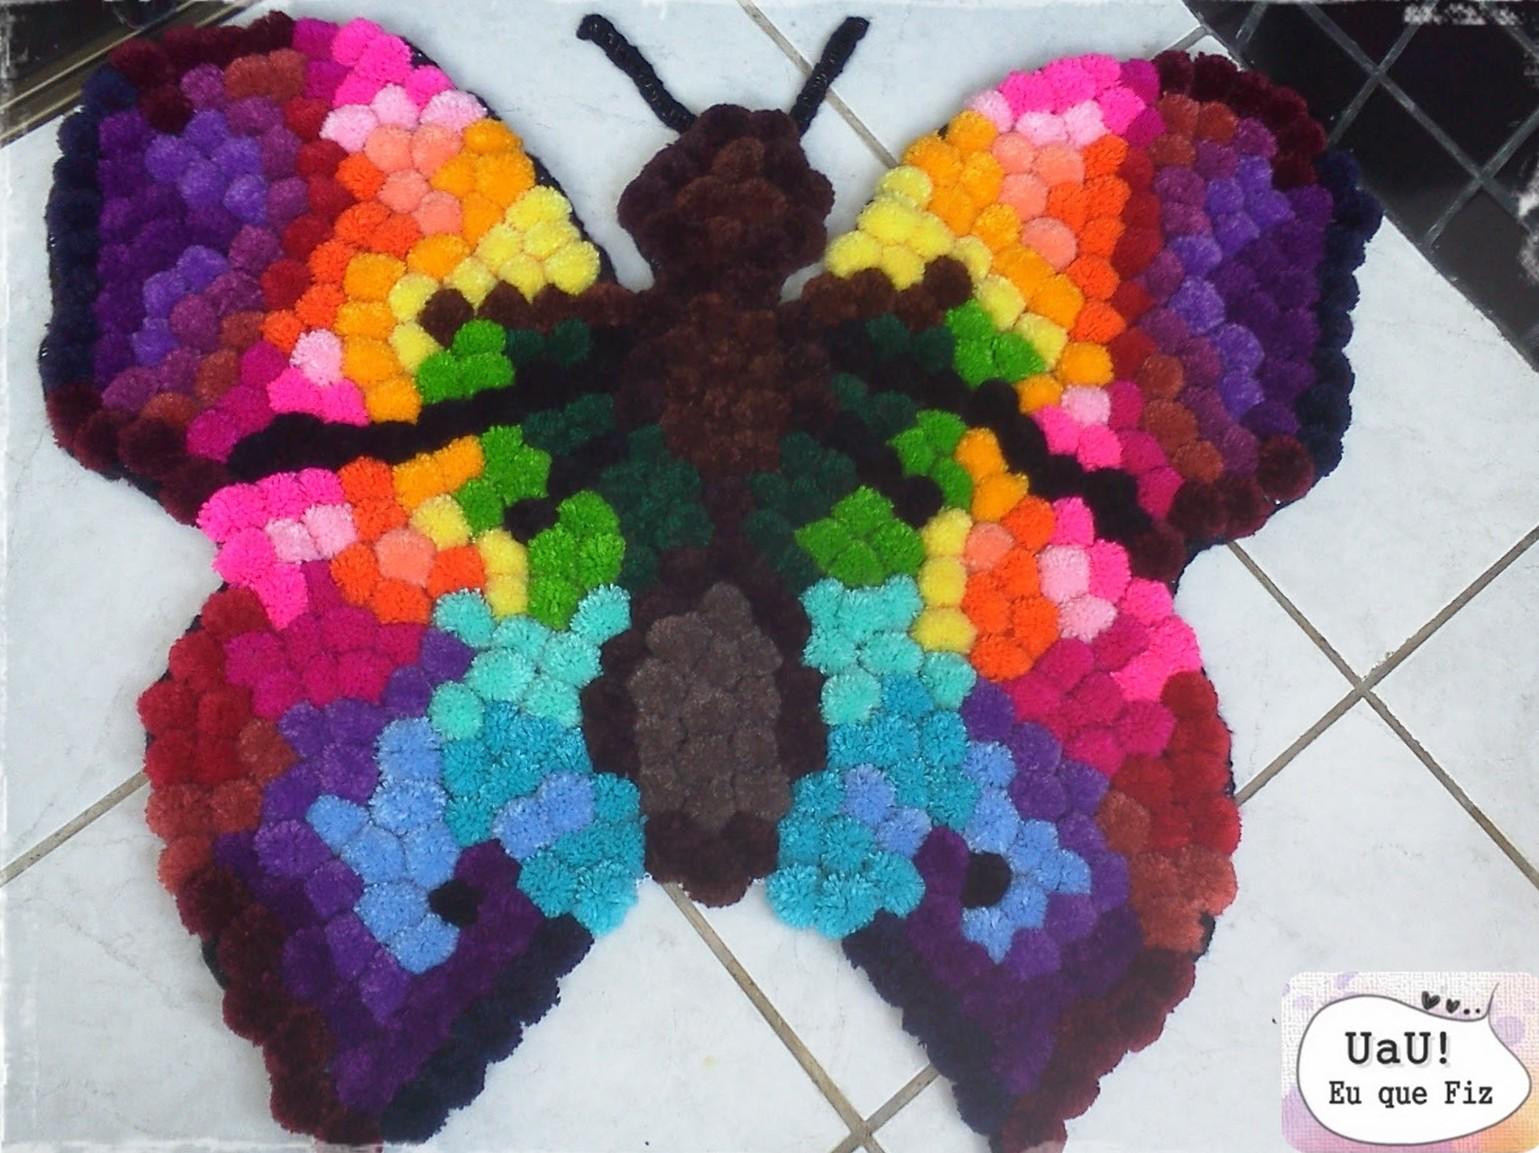 Elegant Kelebek ponpon paspas yapımı ponpondan oyuncak yapımı